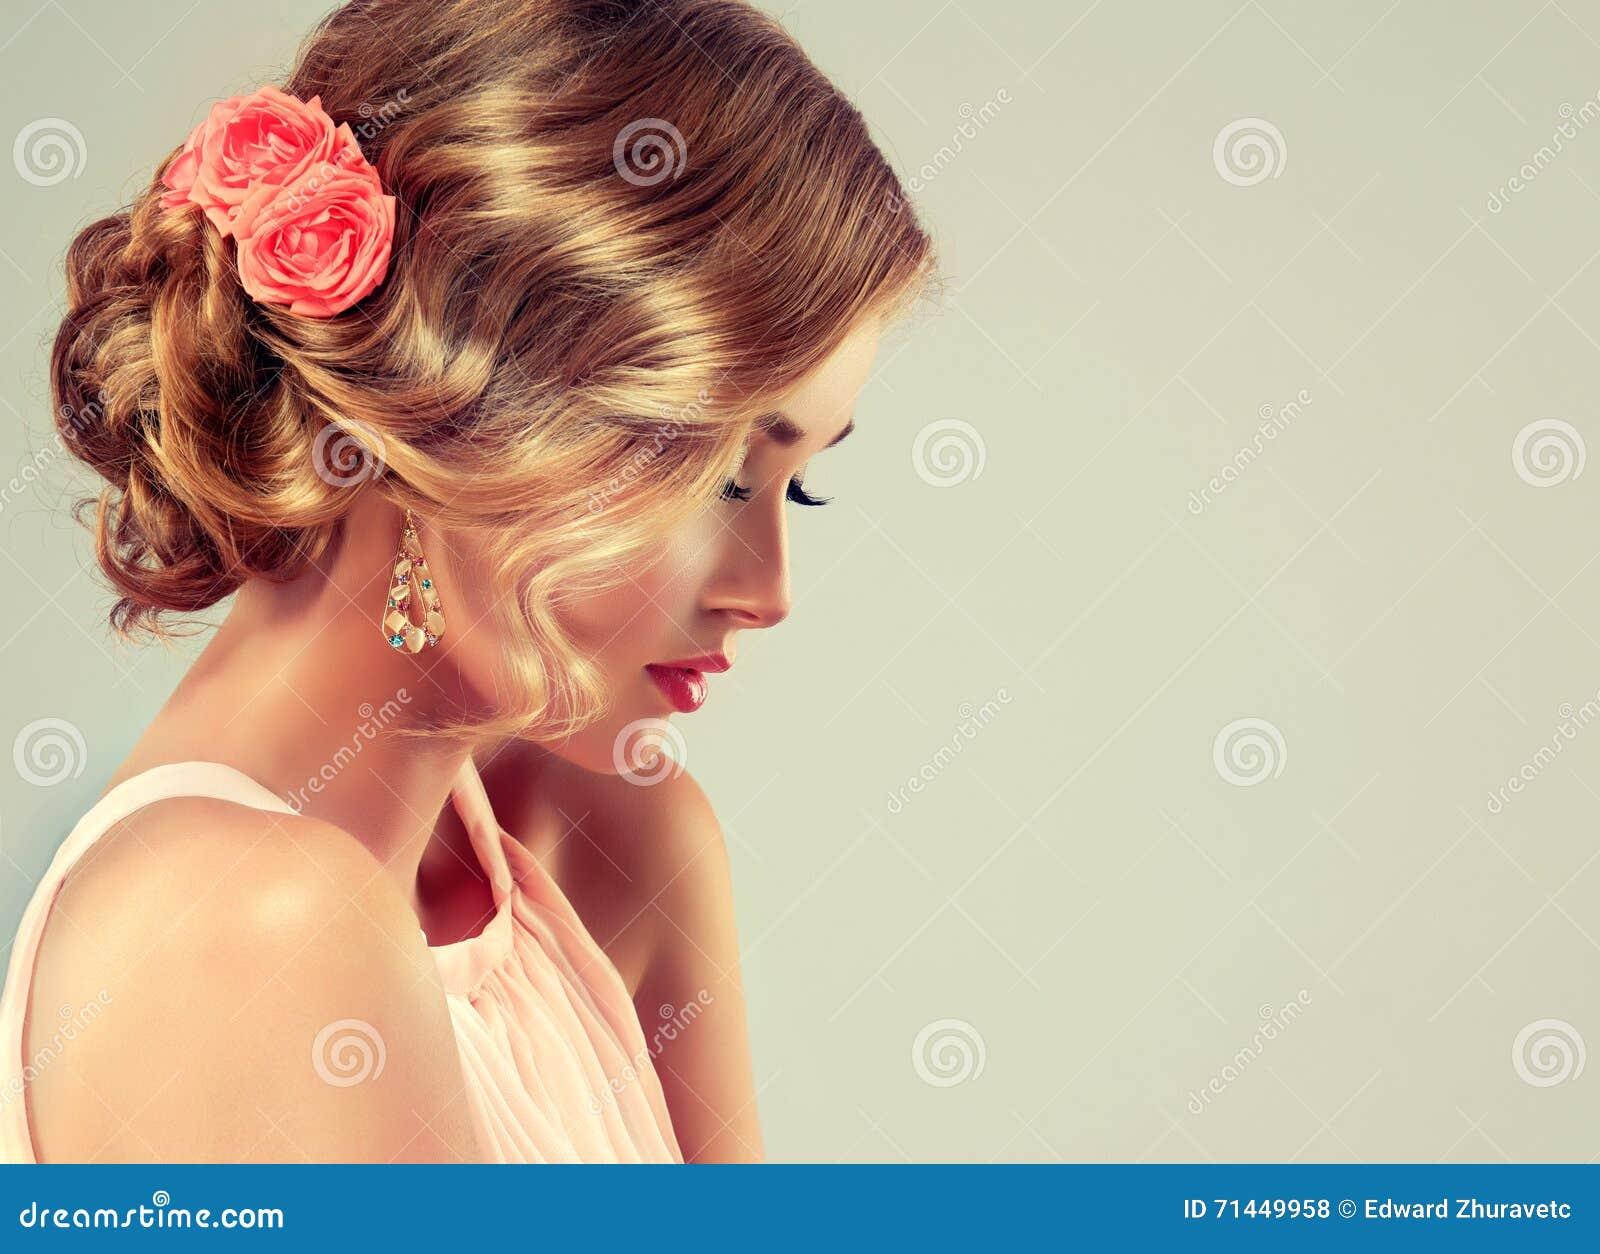 Beautiful Model With Elegant Wedding Hairstyle Stock Photo Image